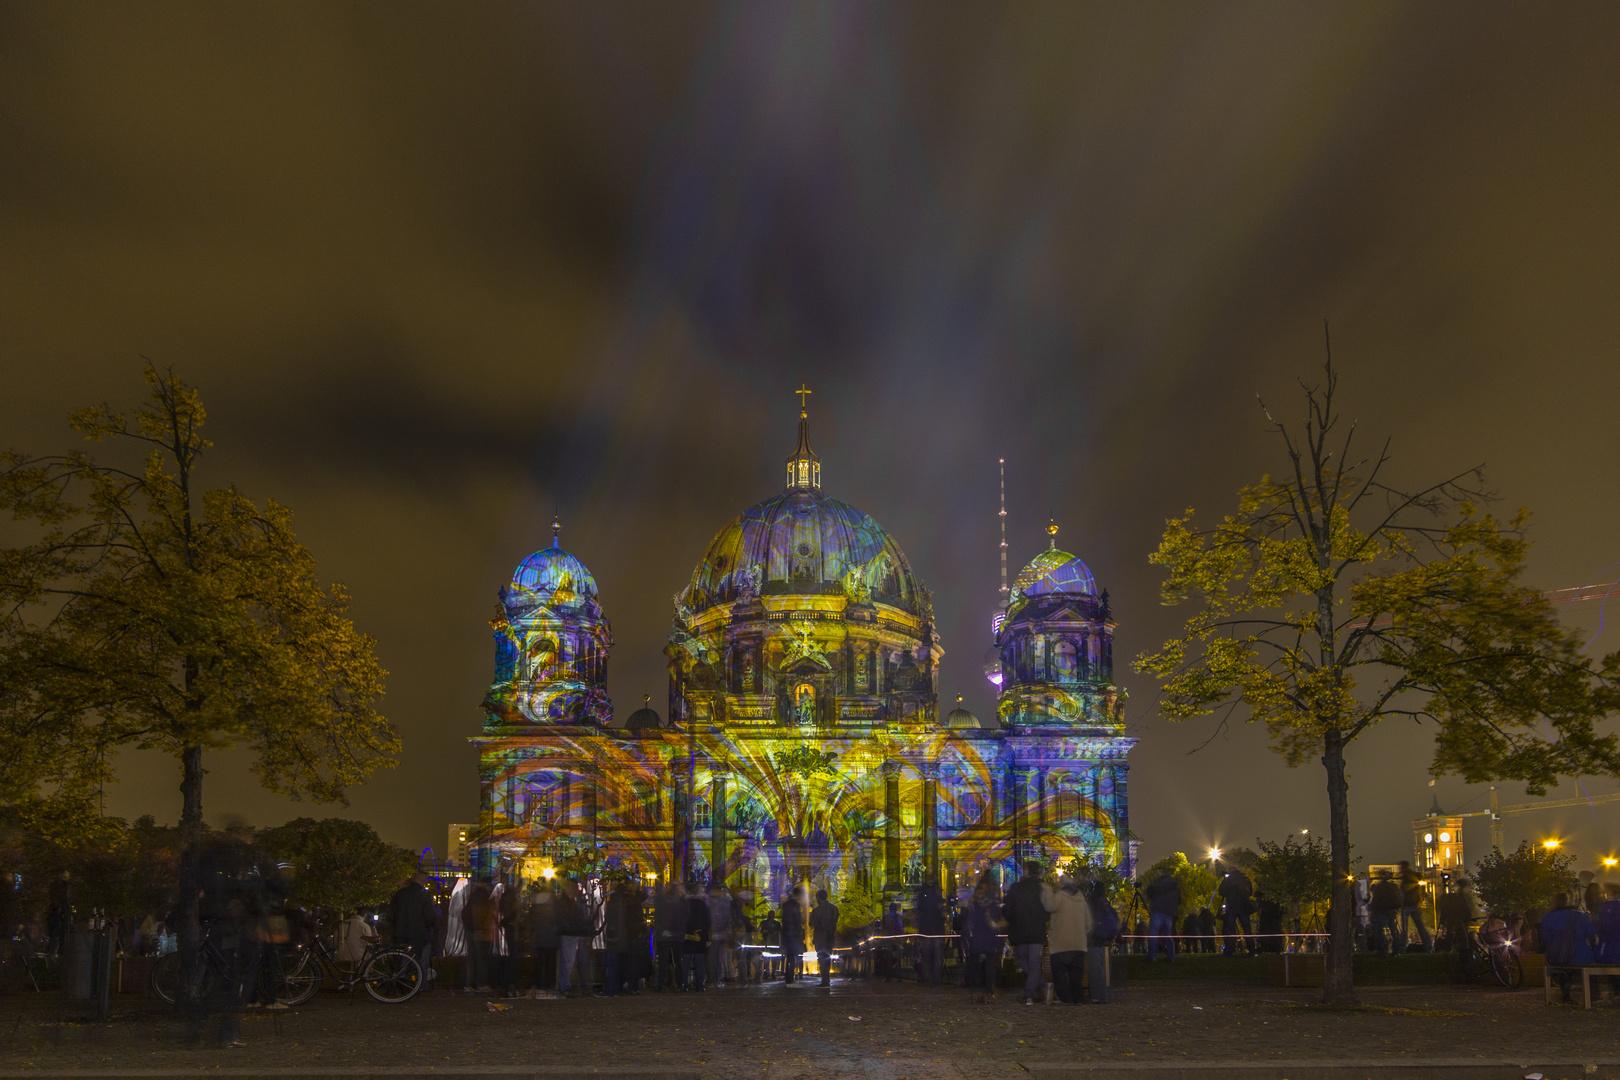 Berlin, Dom, Festival of Lights 2013